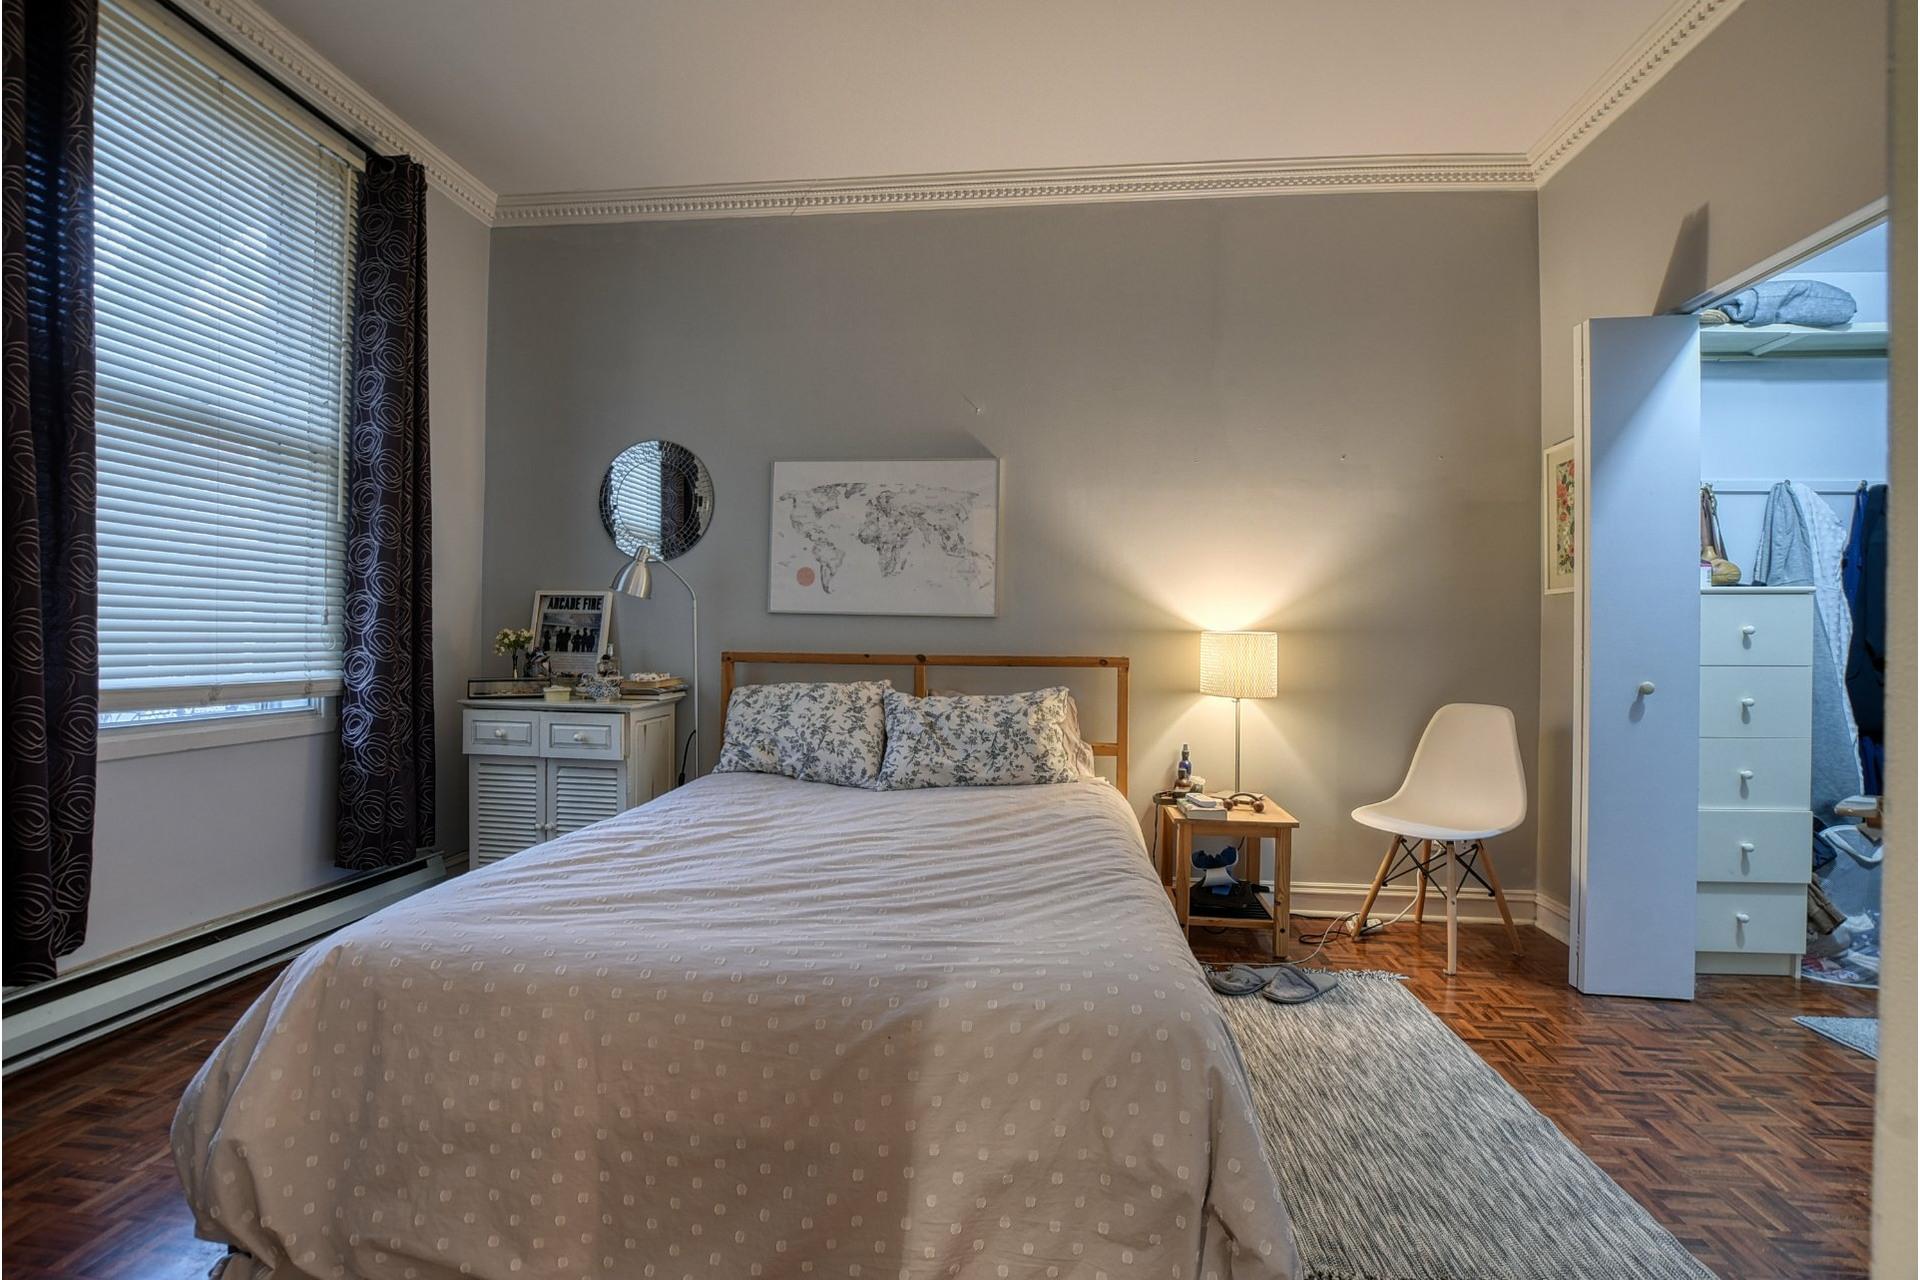 image 5 - Appartement À vendre Le Sud-Ouest Montréal  - 5 pièces